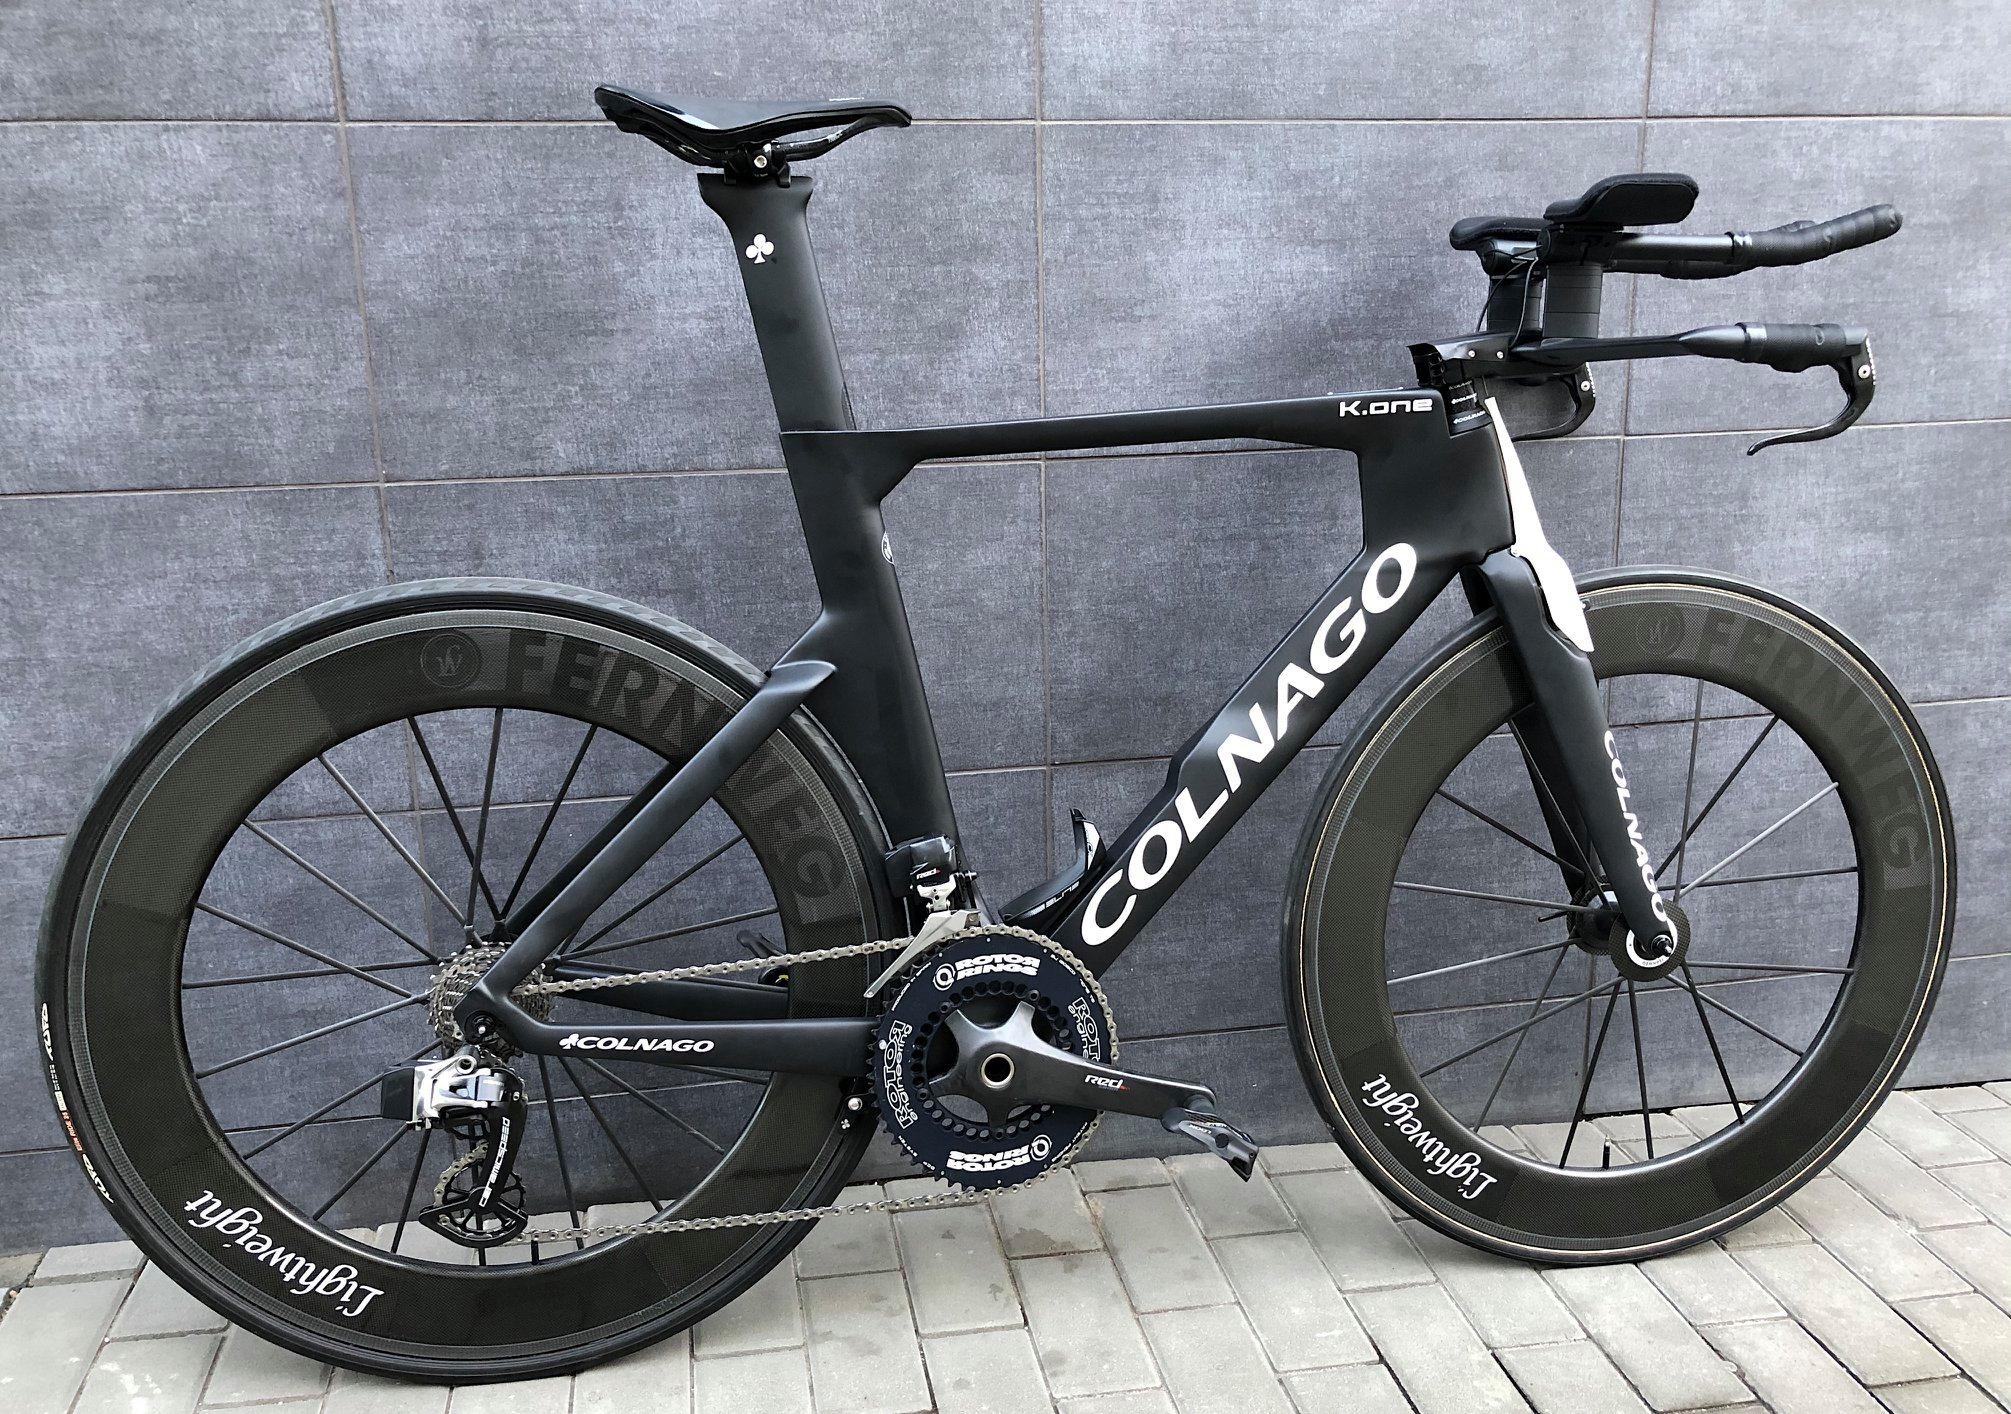 Časovkářský speciál / triatlon Colnago